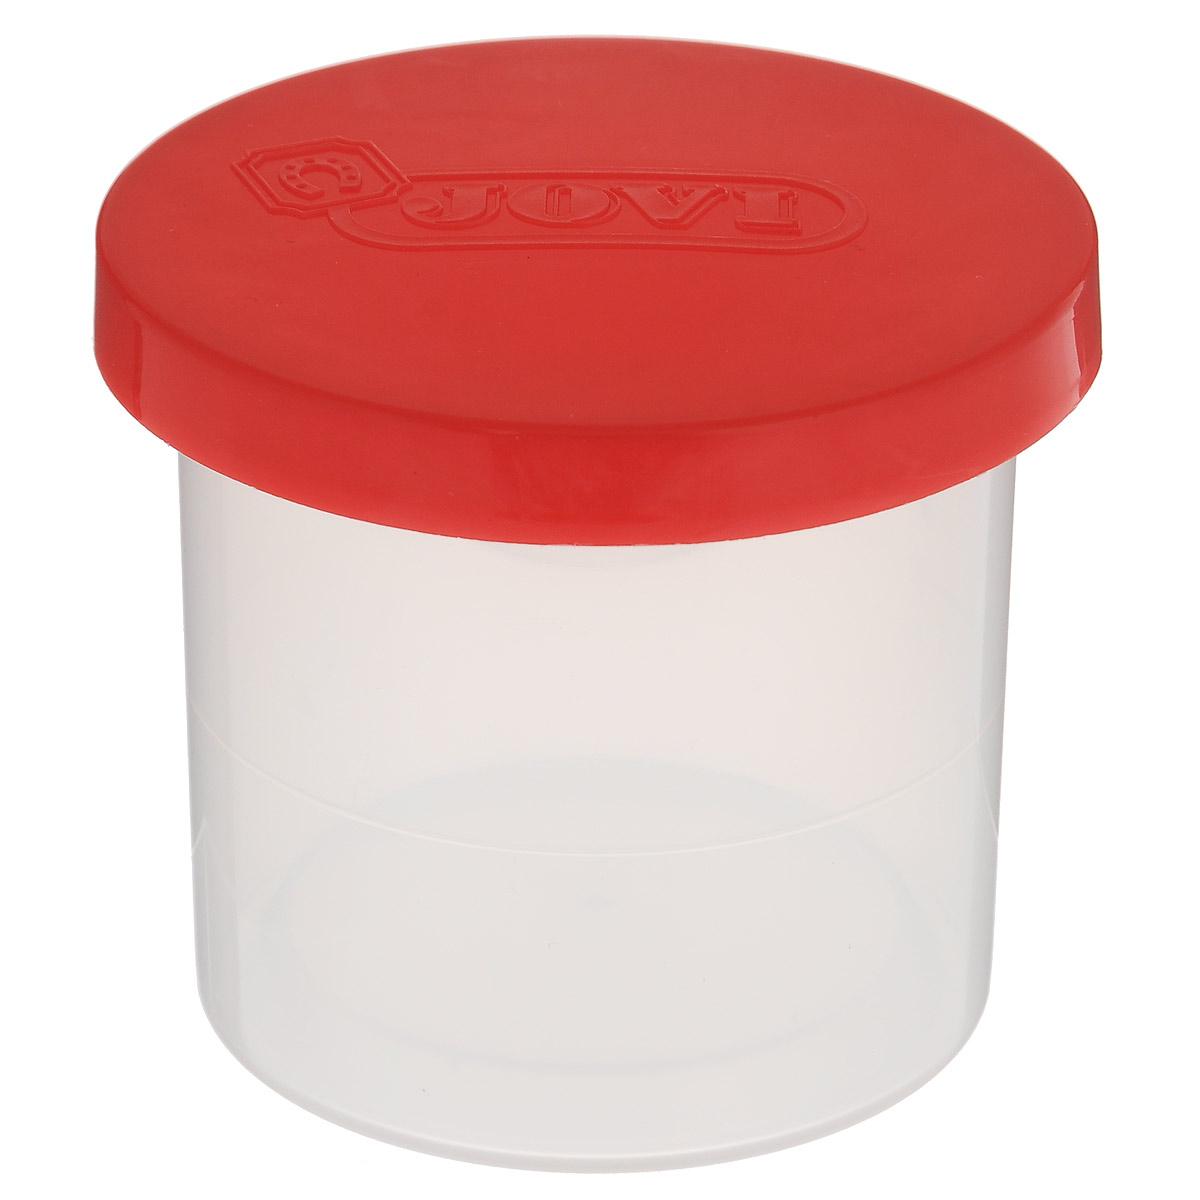 """Удобный стакан-непроливайка """"Jovi"""" станет незаменимым атрибутом в процессе рисования шедевра. Внутренняя крышка в виде воронки предохраняет от разливания краски или воды при опрокидывании. Рекомендовано детям старше трех лет."""